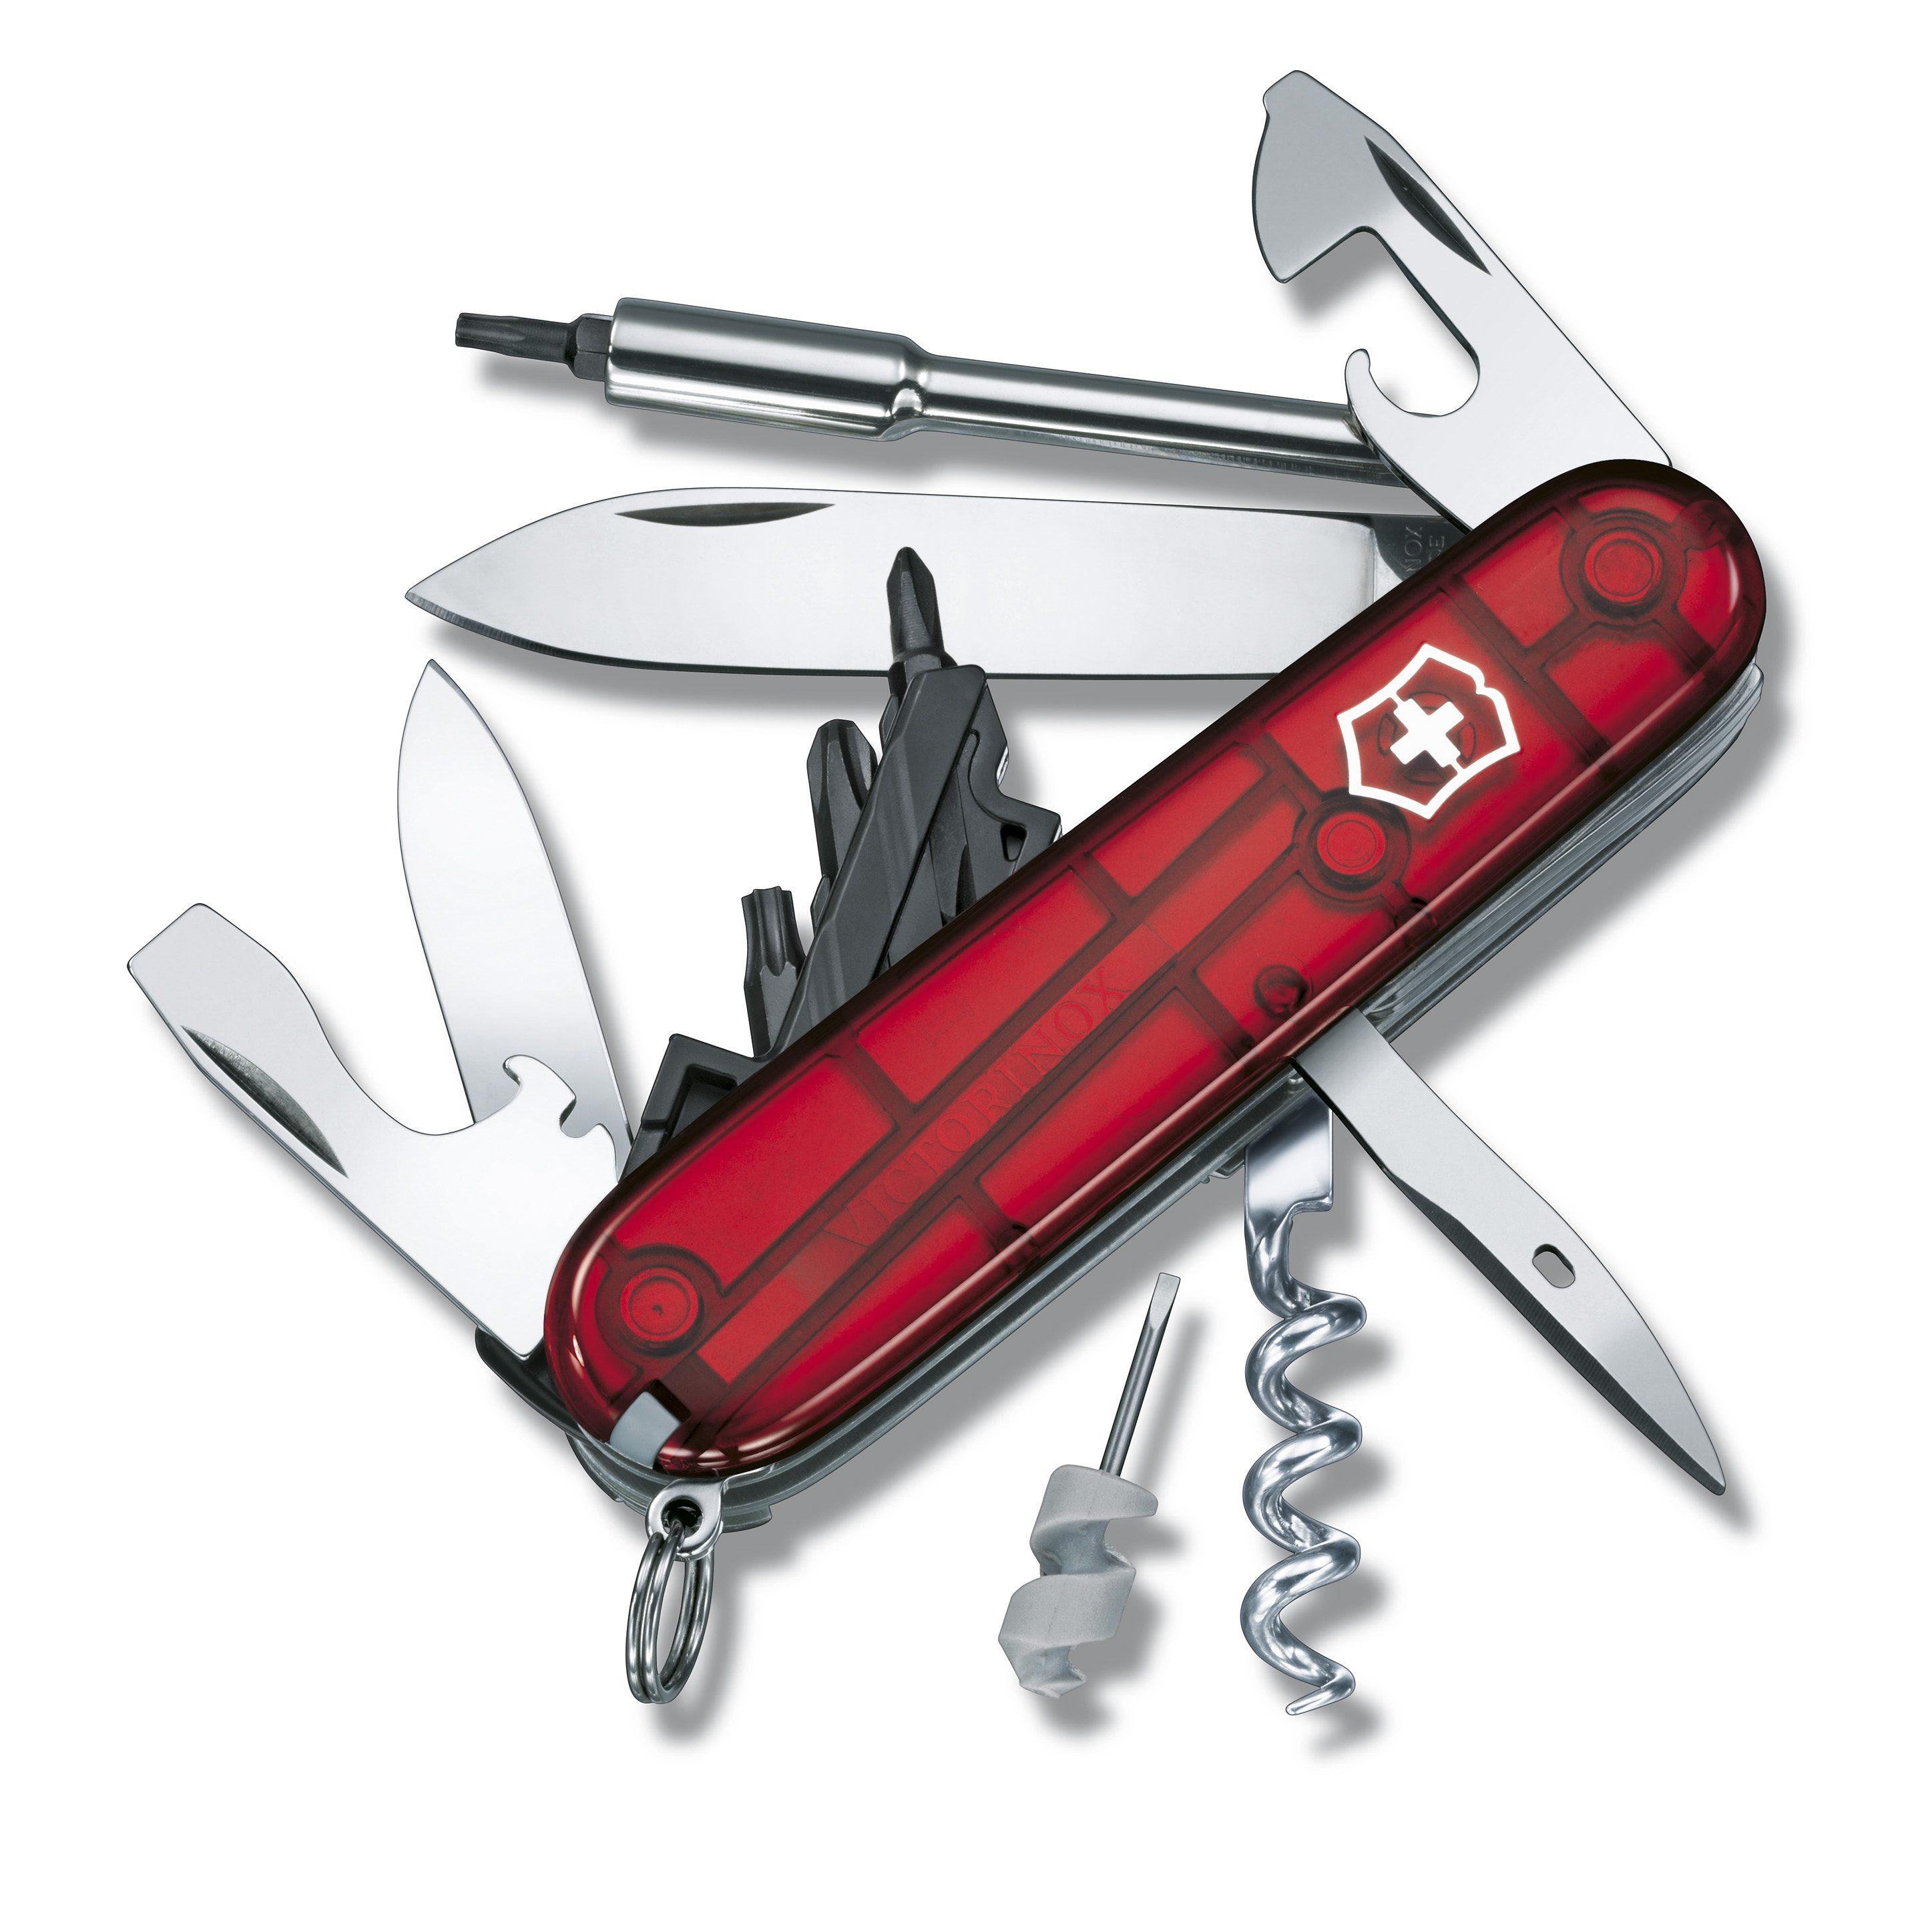 Victorinox Taschenmesser »Cyber Tool 29«